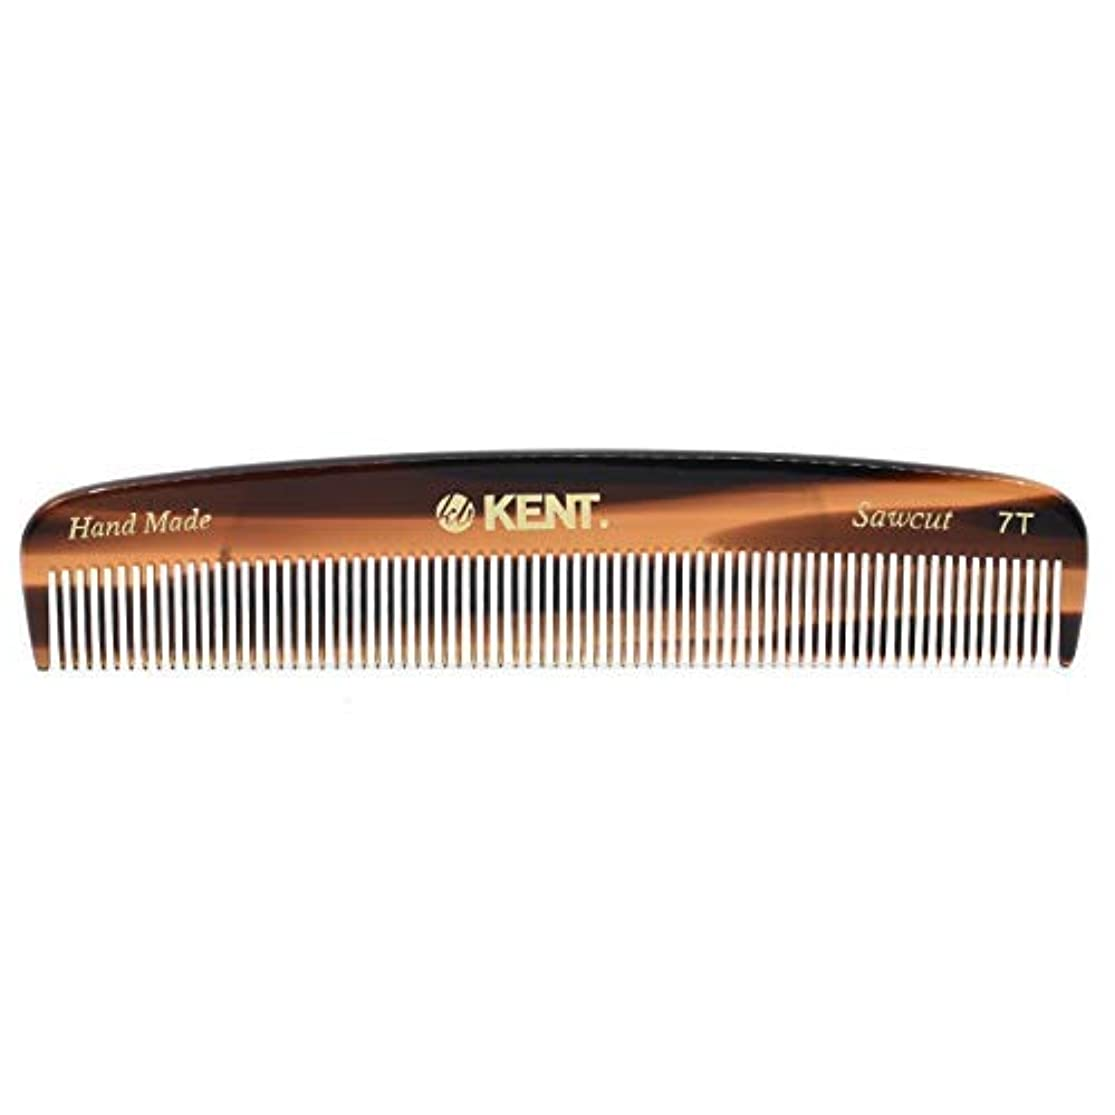 グラフ競合他社選手滝Kent 7T - Handmade Fine Teeth Pocket Comb for Men and Women - Cellulose Acetate, Tortoise Shell (5 1/2